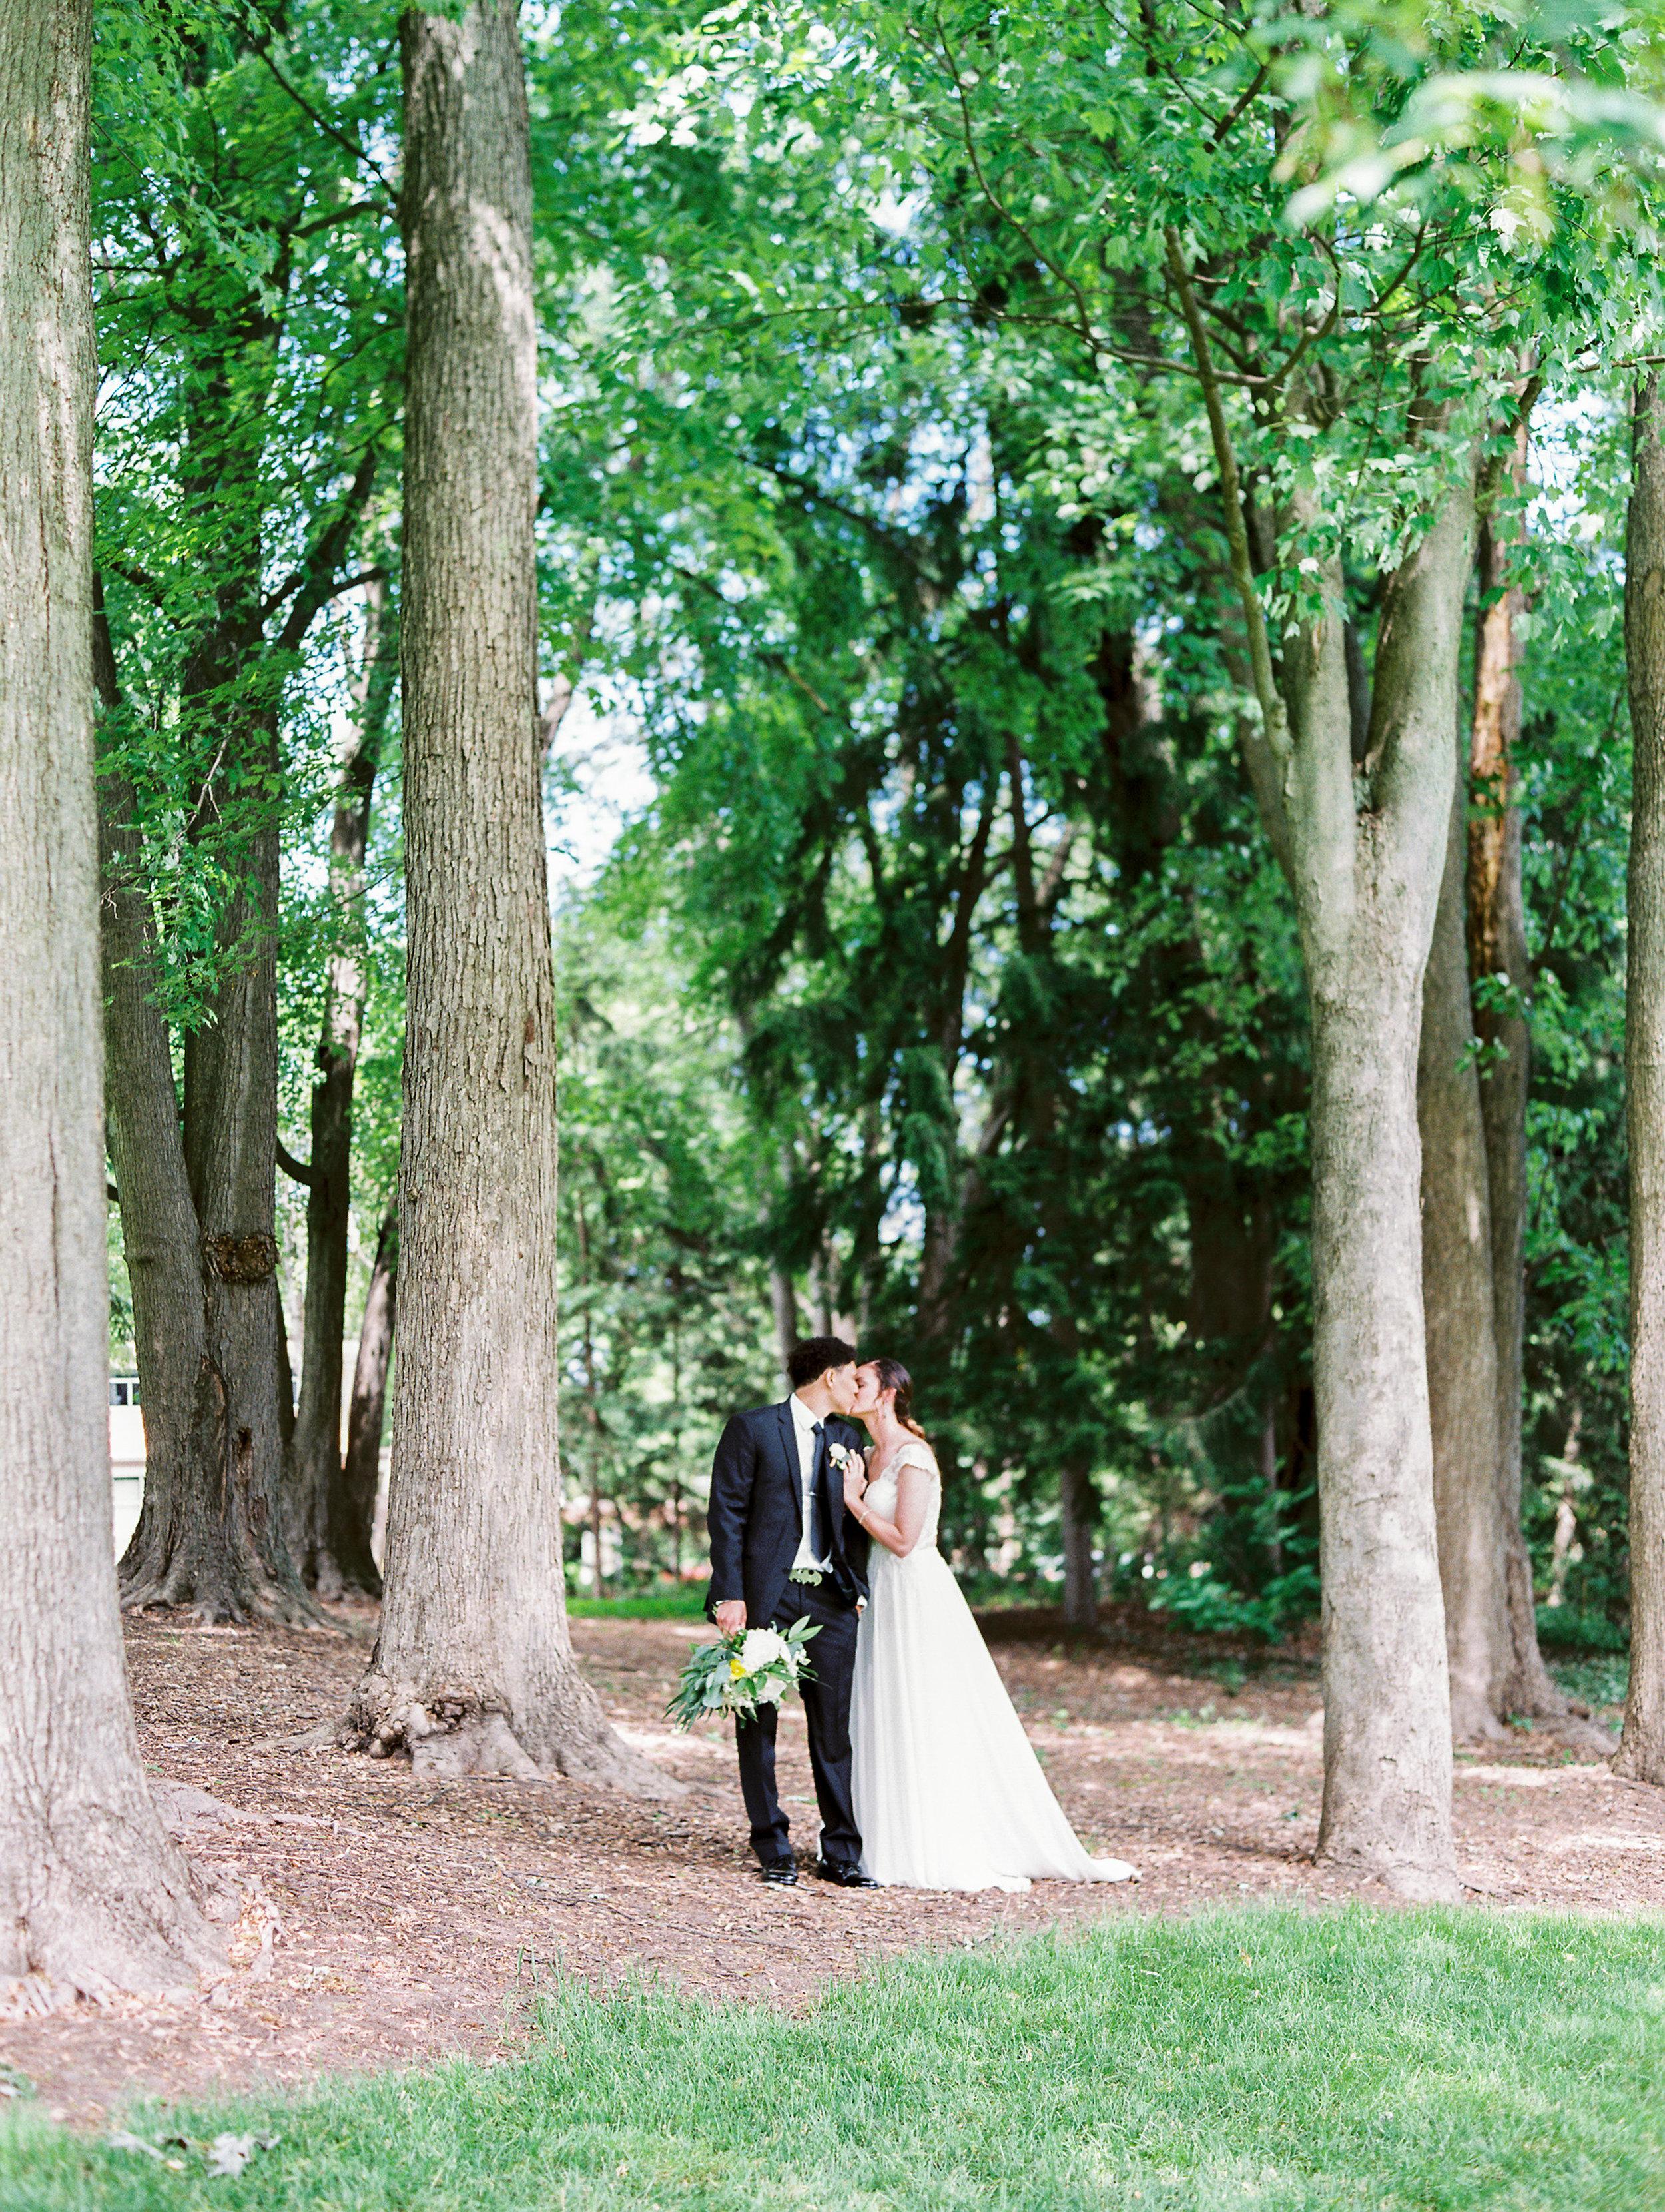 Julius+Wedding+BridalPartyf-57.jpg